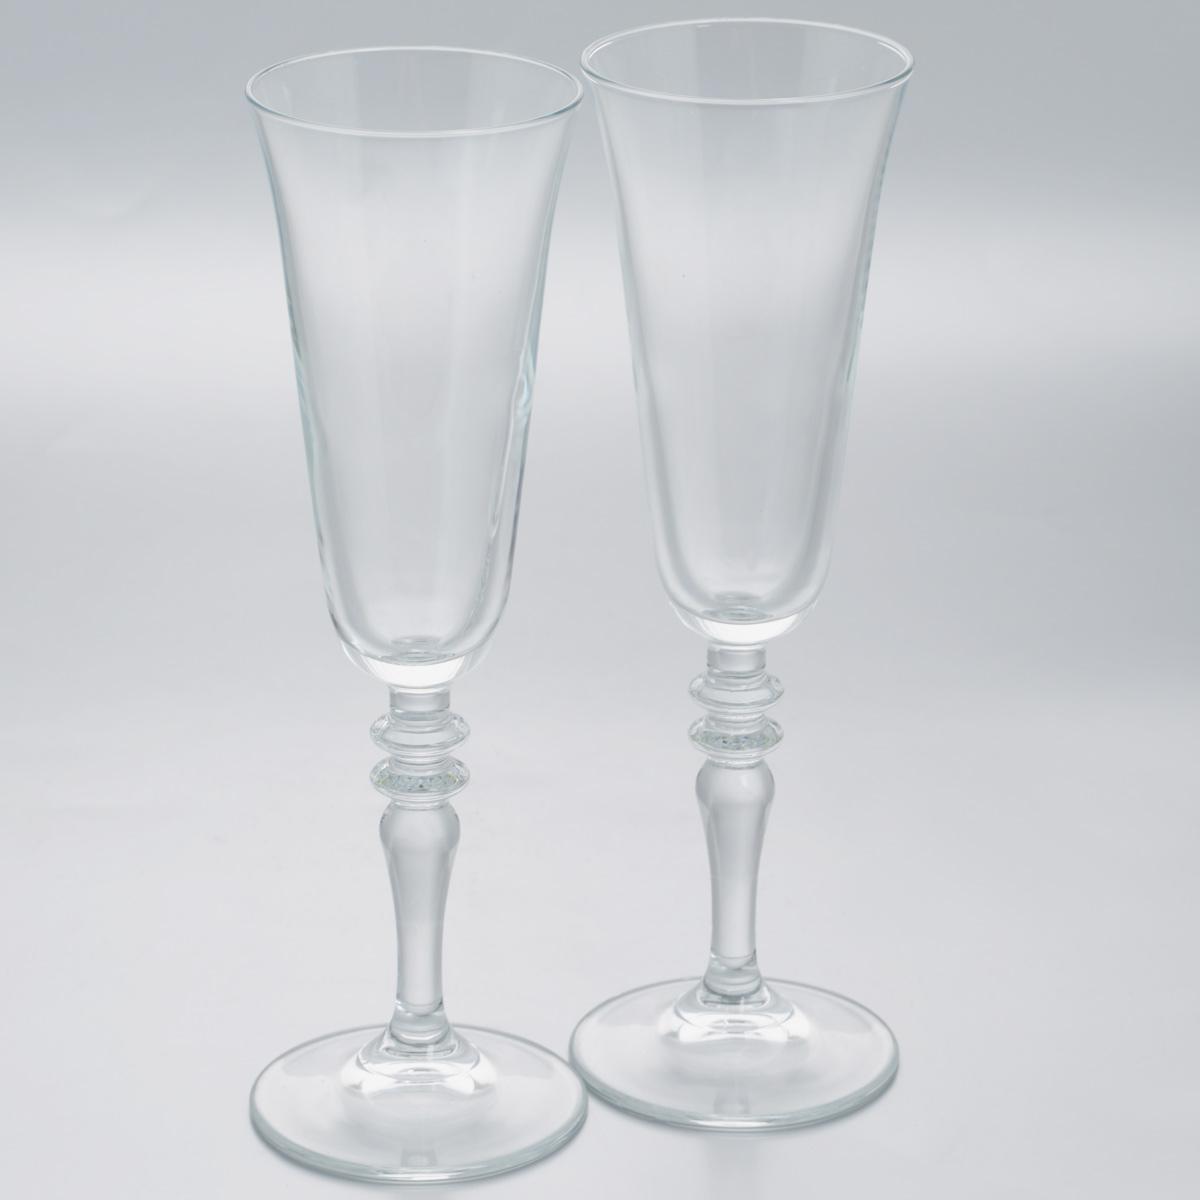 Набор бокалов Pasabahce Vintage, 190 мл, 2 шт440283B//Набор Pasabahce Vintage состоит из двух бокалов,выполненных из прочного натрий-кальций-силикатного стекла.Изделия оснащены изящными ножками, отличноподходят для подачи шампанского или вина.Бокалы сочетают в себе элегантный дизайн ифункциональность.Набор бокалов Pasabahce Vintage прекрасно оформитпраздничный стол и создаст приятную атмосферу за ужином.Такой набор также станет хорошим подарком к любомуслучаю.Можно мыть в посудомоечной машине. Диаметр бокала по верхнему краю: 7 см.Высота бокала: 23 см.